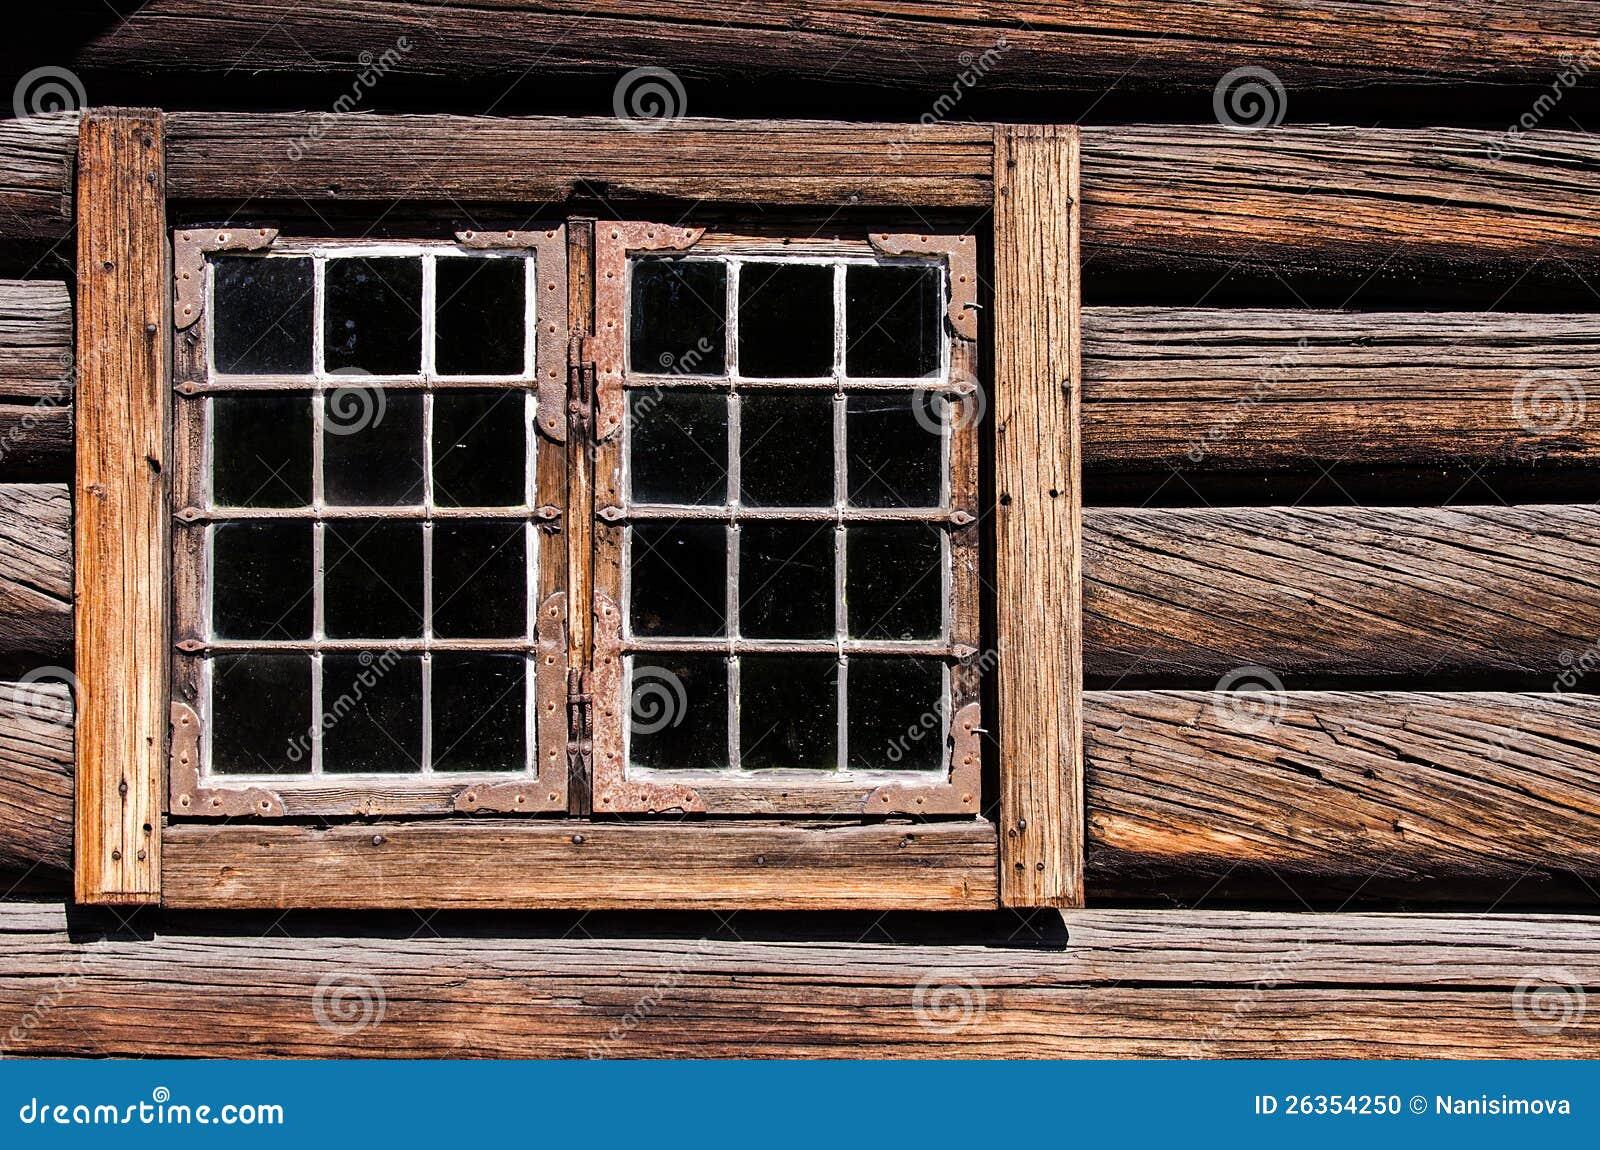 被风化的木屋墙壁视窗